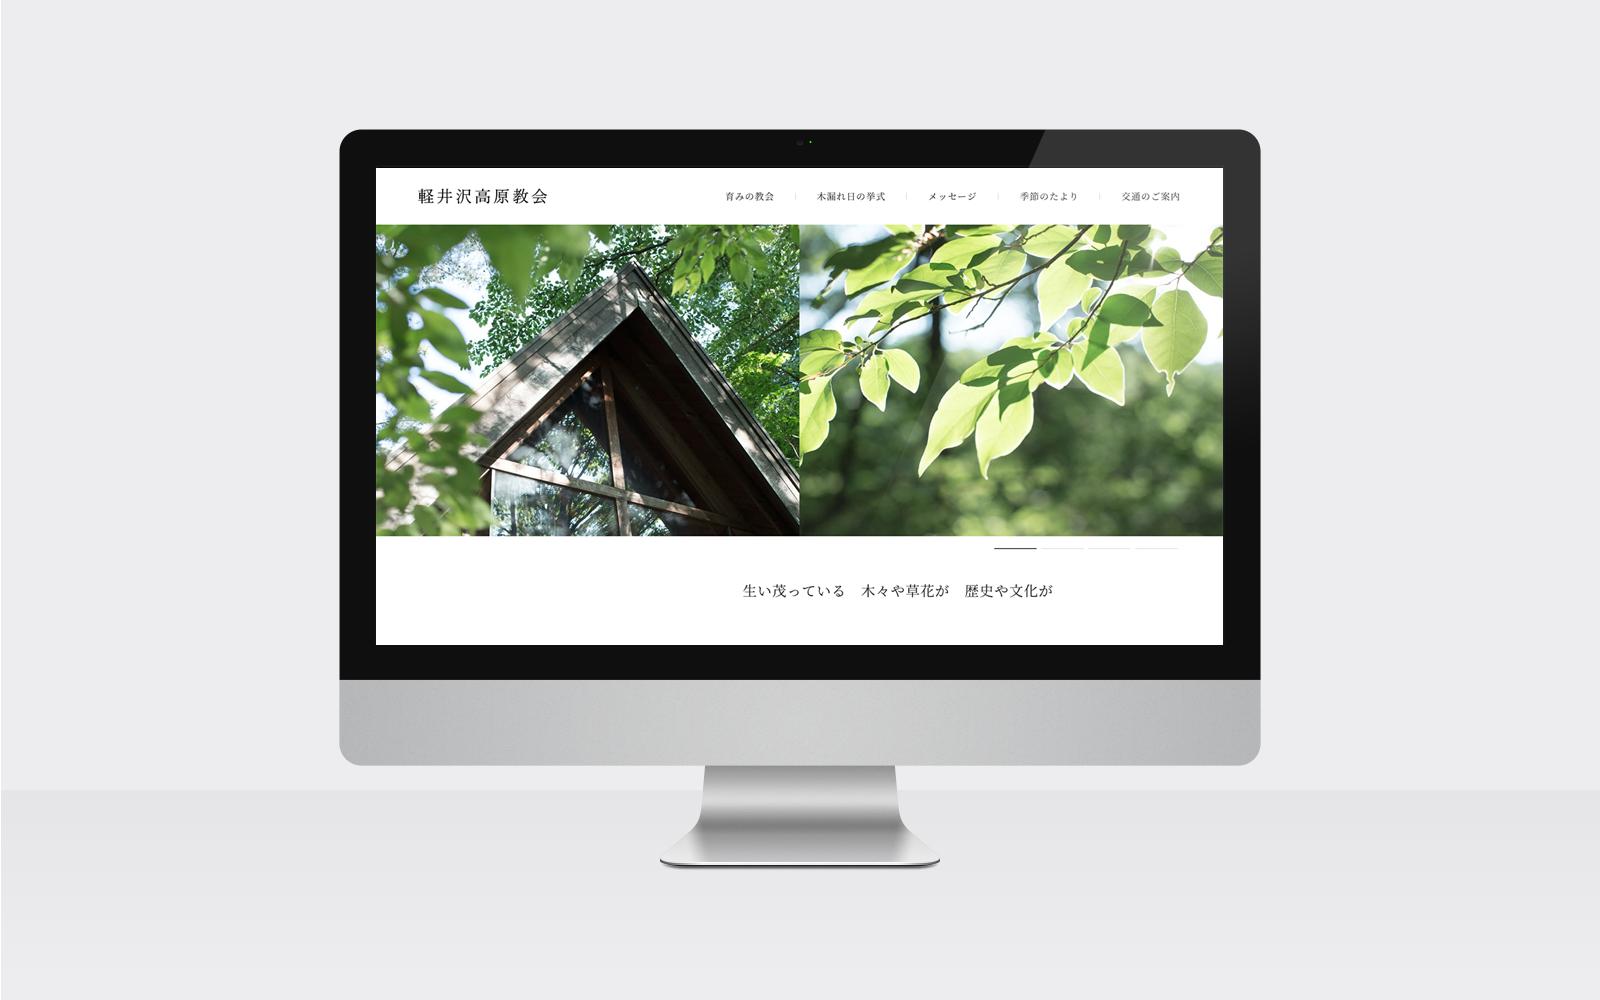 「軽井沢高原教会」ウェブサイト